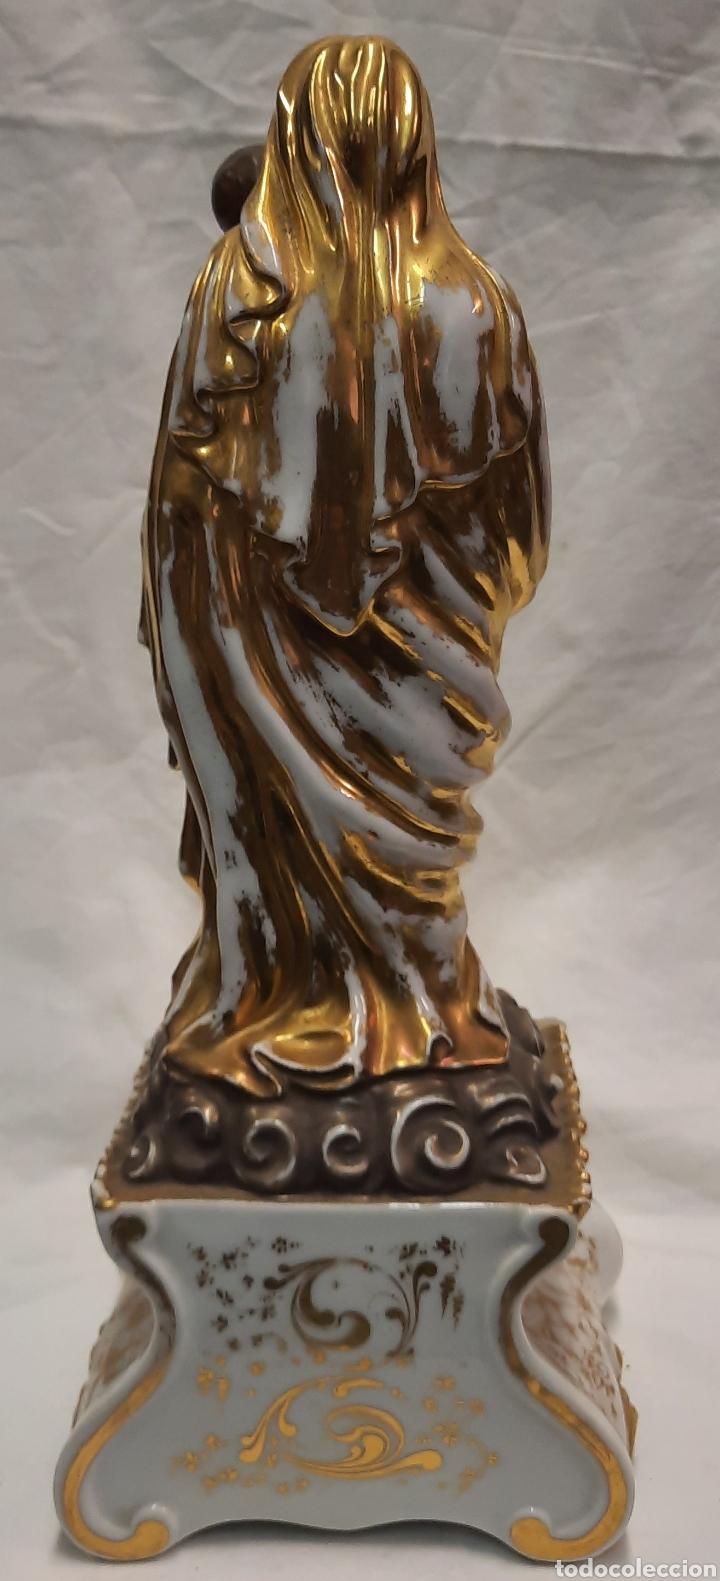 Antigüedades: Antigua figura de Virgen ceramica viejo París - Foto 8 - 244088200